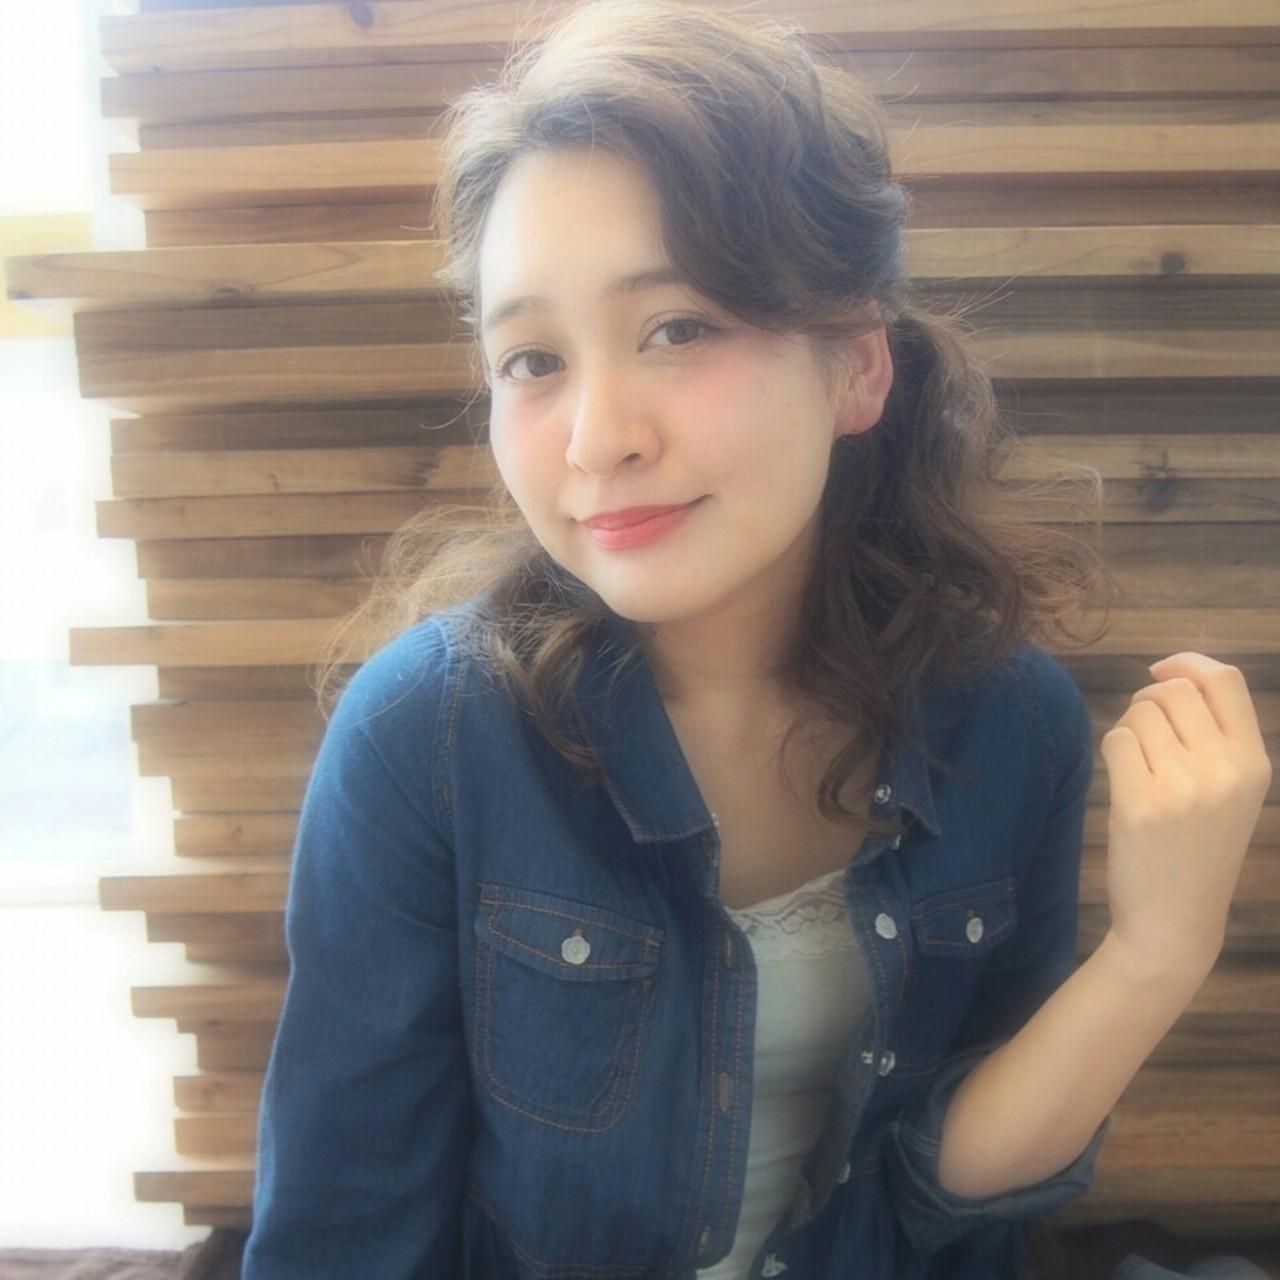 3分でワンランク上のオシャレママさんに!忙しい人のためのヘアアレンジ特集。 miharu